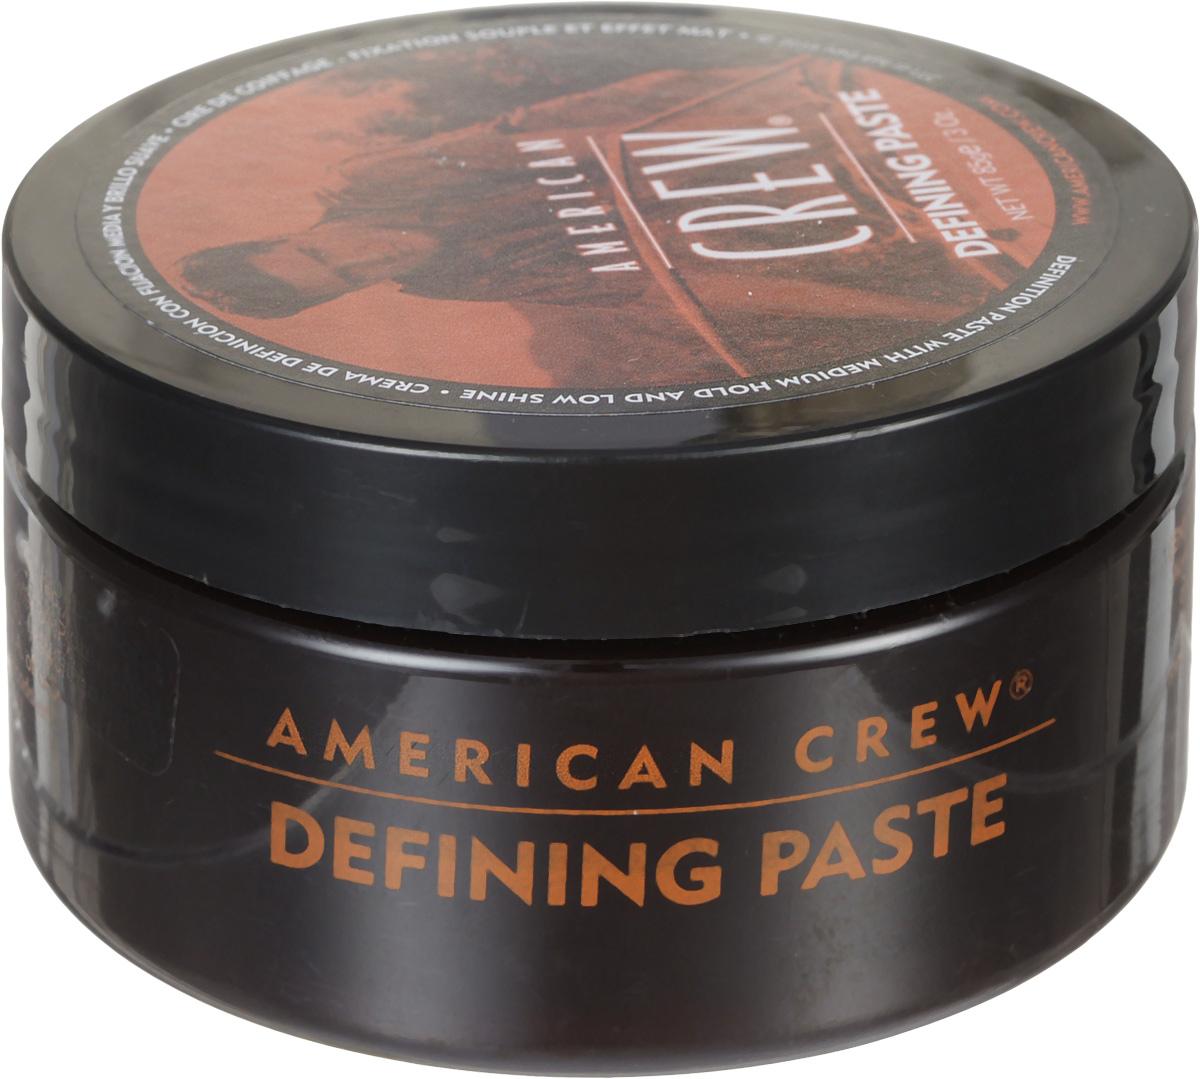 American Crew Паста для укладки волос Defining Paste 85 мл7209392000Паста от компании American Crew предназначена для средней фиксации прически, обеспечивая низкий уровень блеска волос. Глицерин делает волосы густыми и объемными. Ланолин придает сверхсильную фиксацию. А пчелиный воск увлажняет волосы, при этом обеспечивая стойкость прически. Удобная текстура, сочетаясь с легкостью применения, делает это укладывающее косметическое средство очень привлекательным для применения.